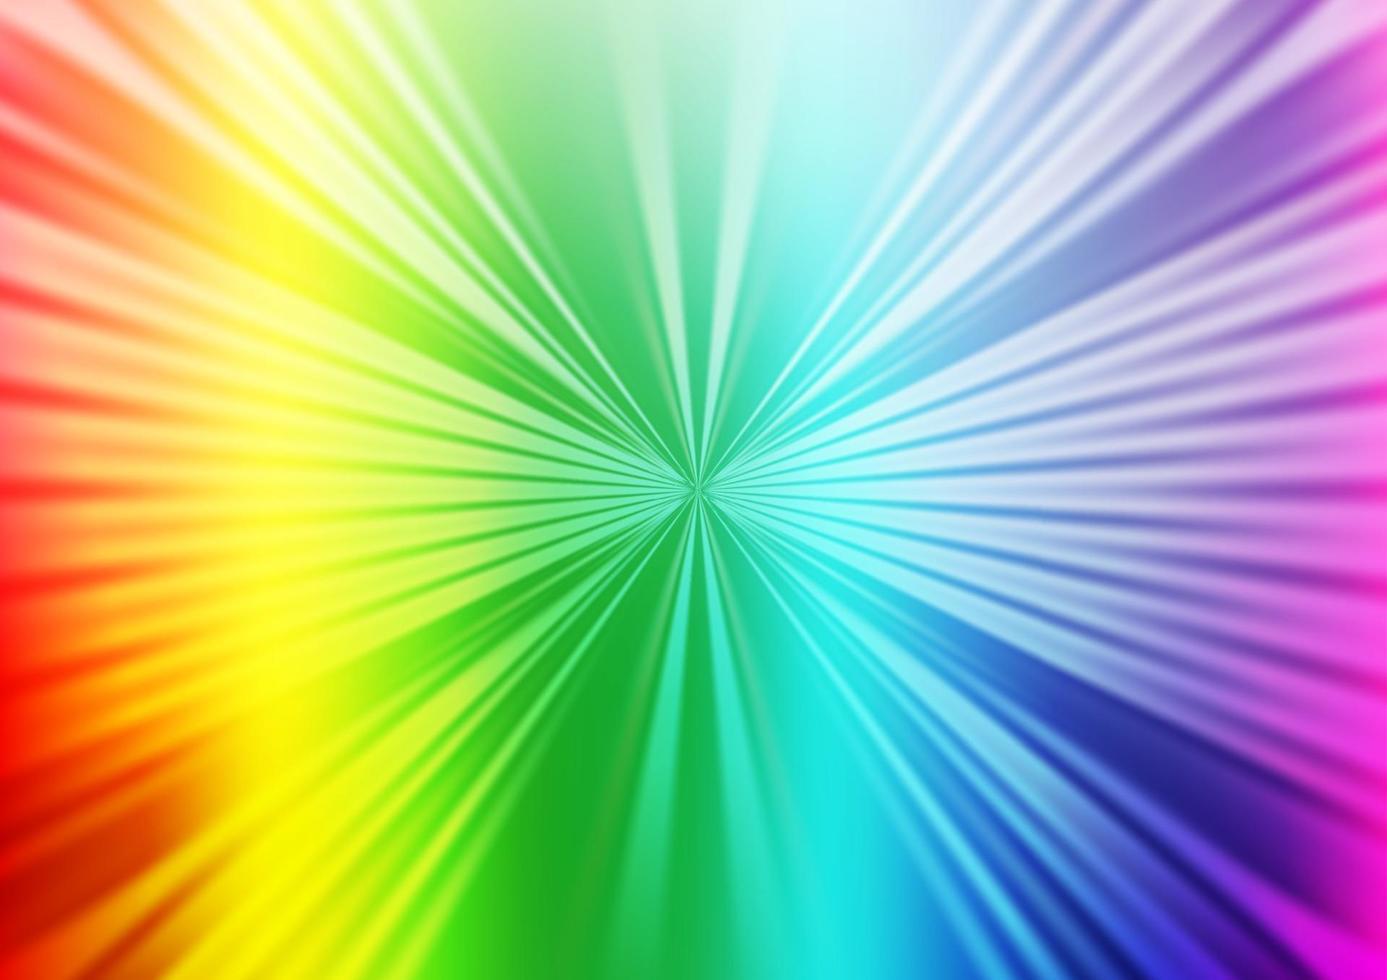 luz multicolor, textura de vetor de arco-íris com linhas coloridas.